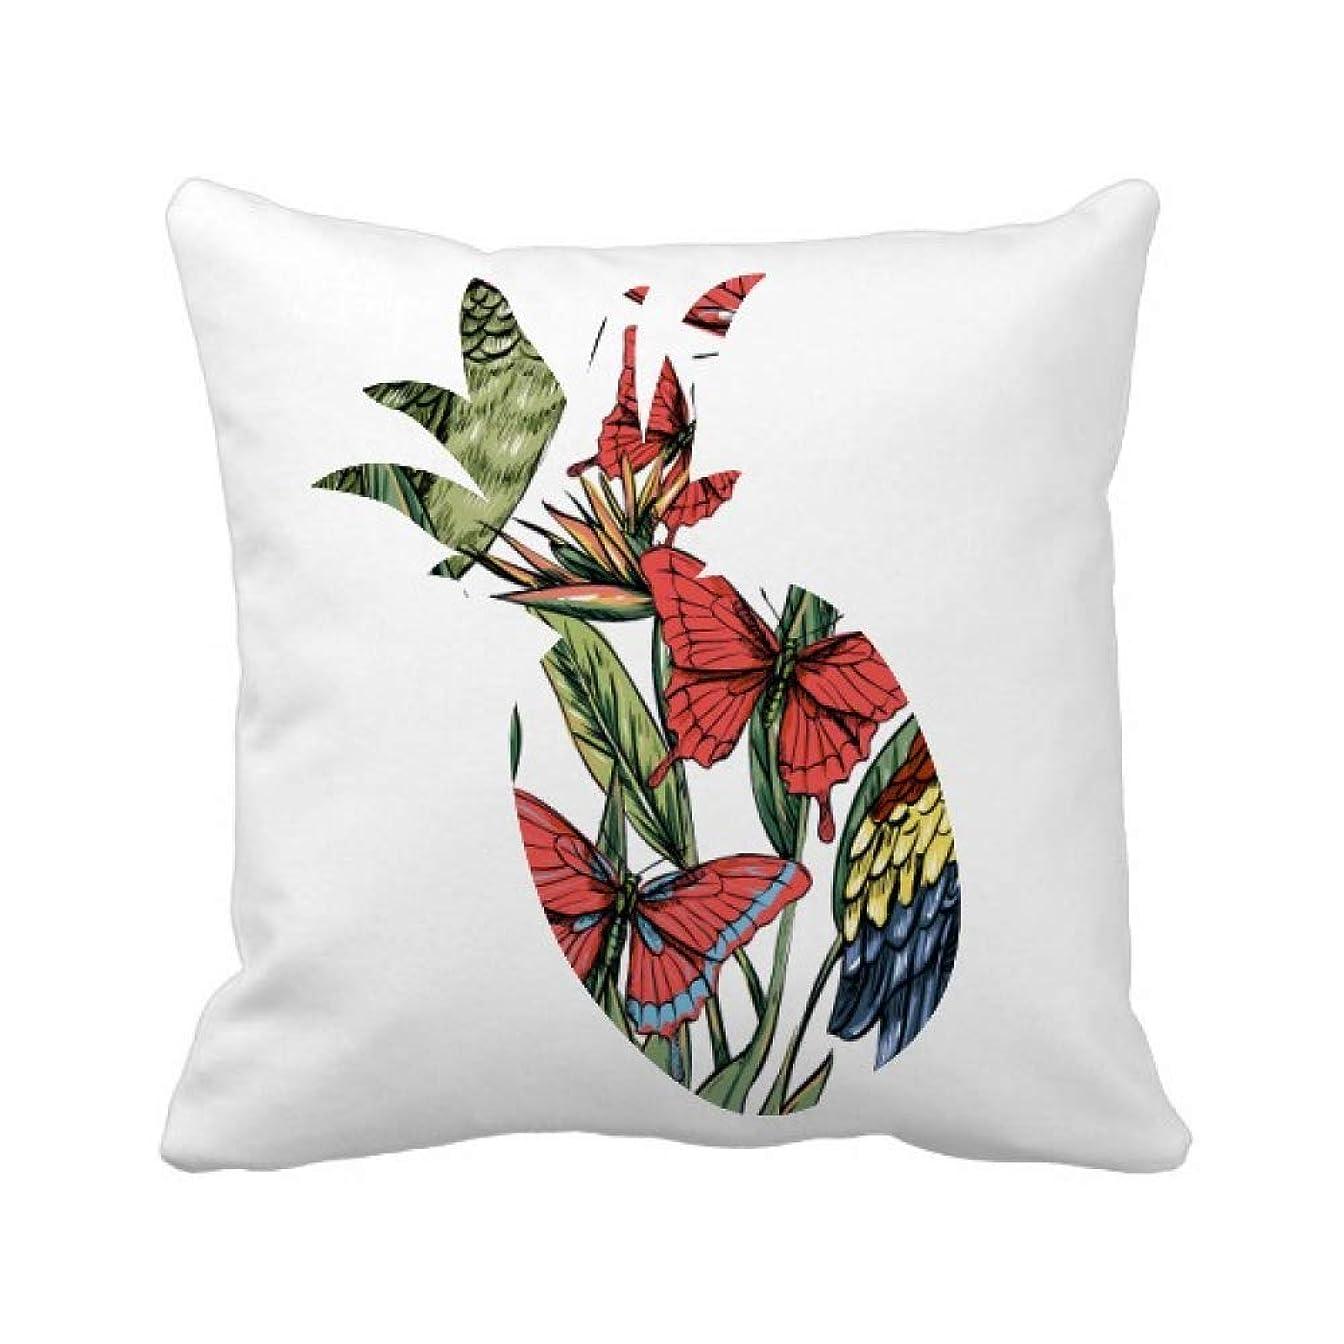 抵抗力がある訴える祖先花の植物の葉は、白い鳥蝶 パイナップル枕カバー正方形を投げる 50cm x 50cm